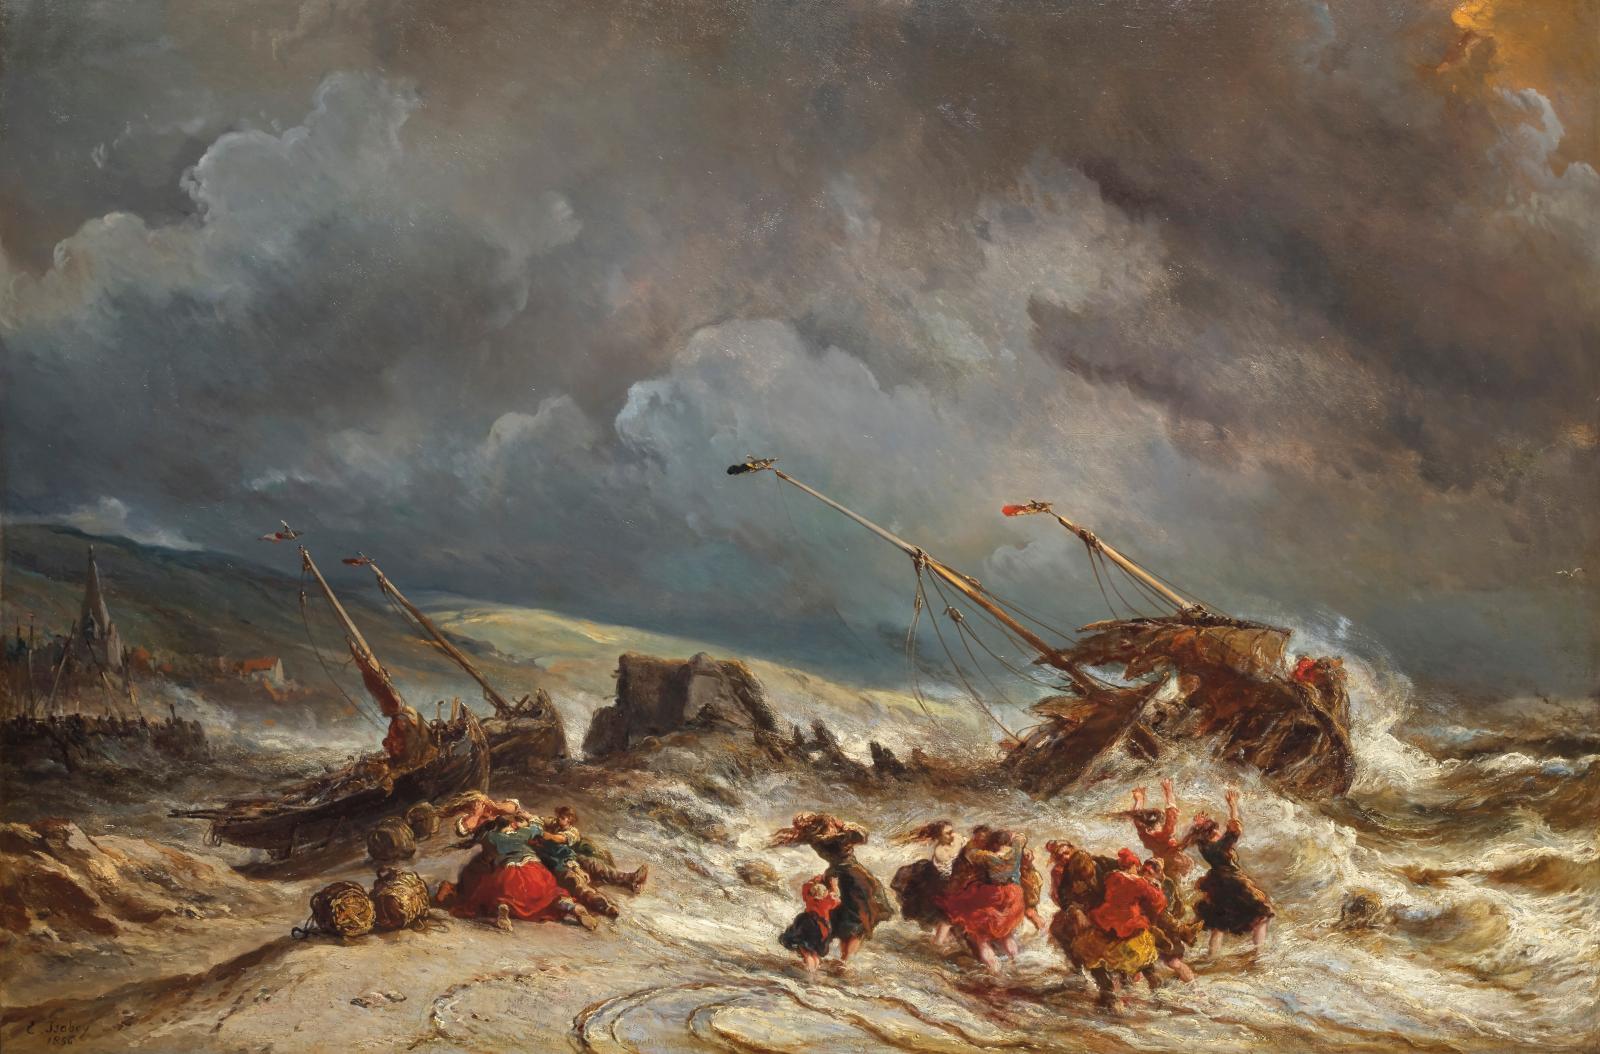 Eugène Isabey (1804-1886), Scène de naufrage, 1856, huile sur toile, 95x143cm. Paris, Drouot, 23 avril 2021. Tessier & Sarrou et Associ